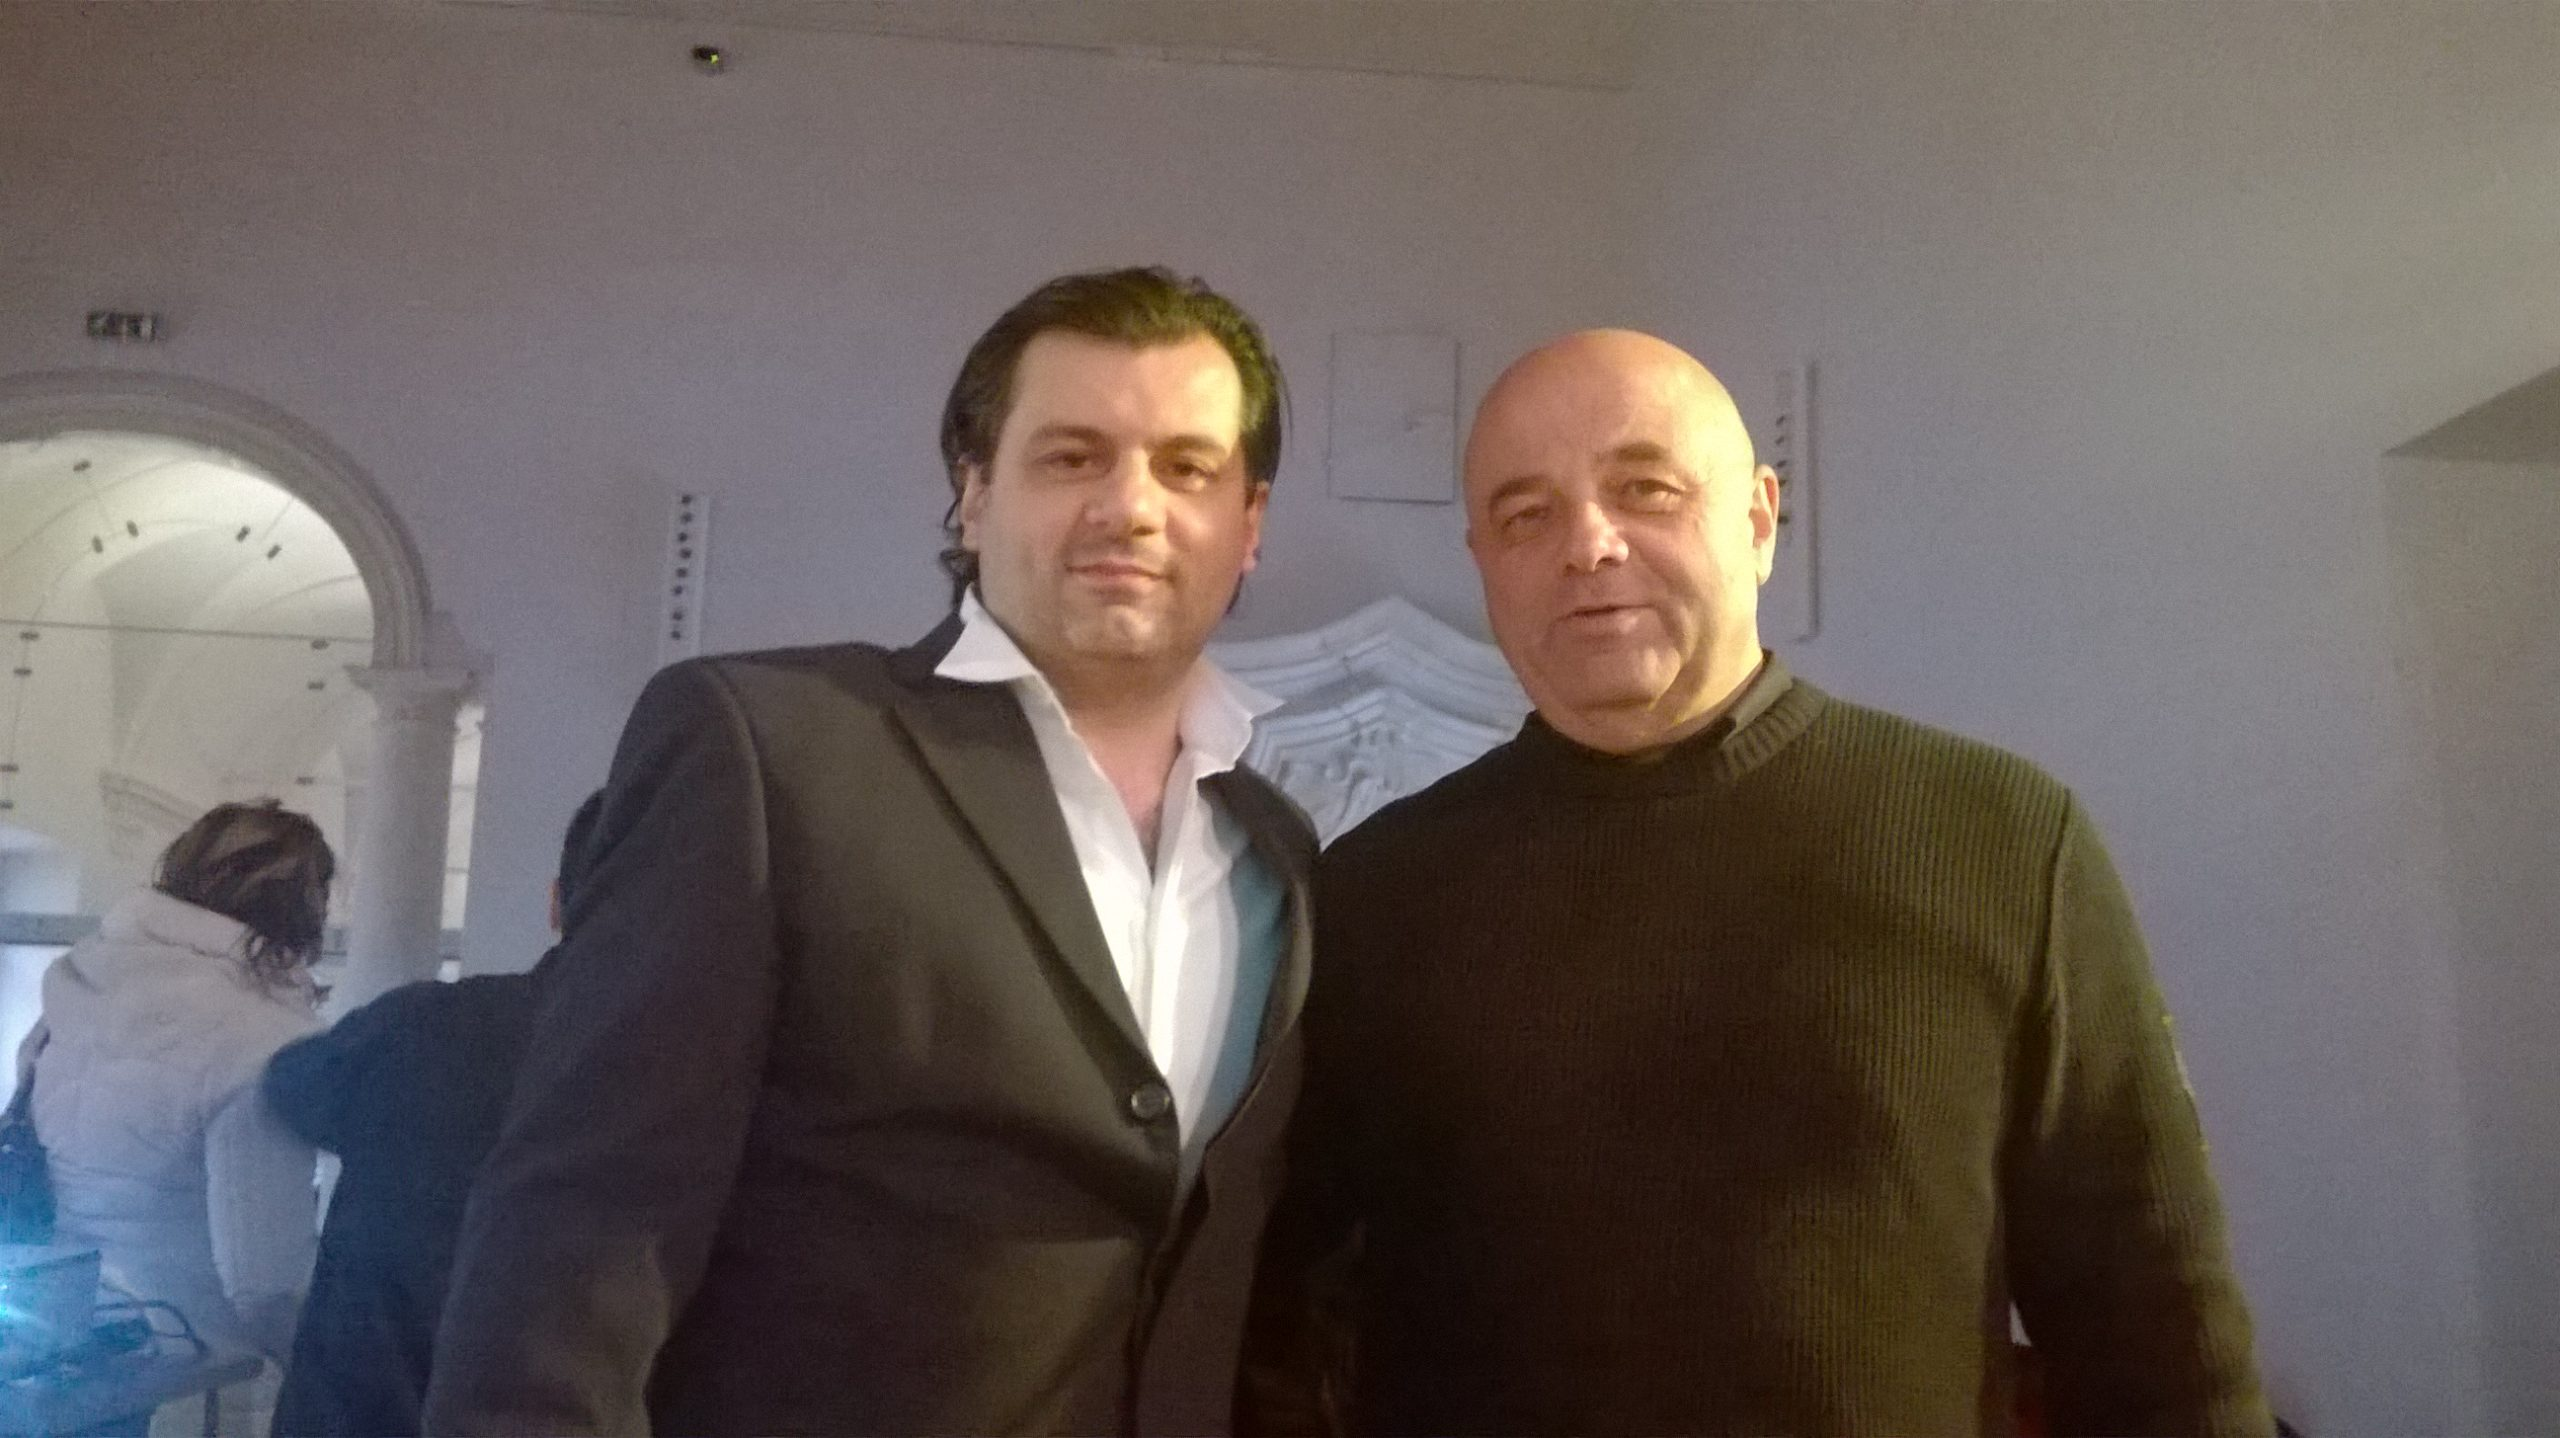 Paolo Cavallone and Antonio D'Augello